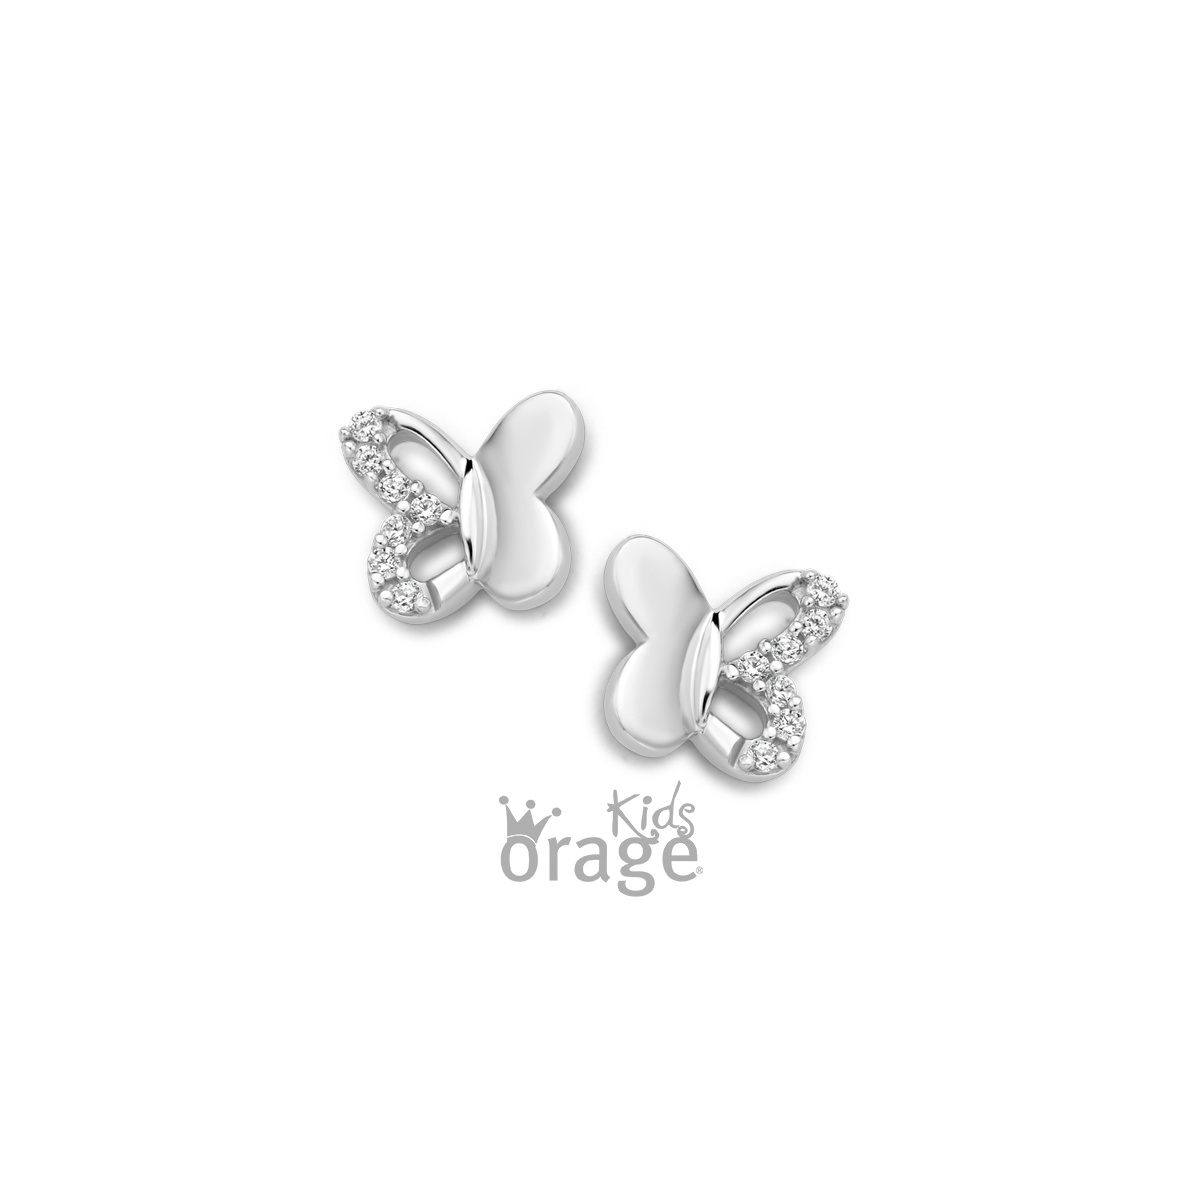 Orage kids Oorringen vlinder